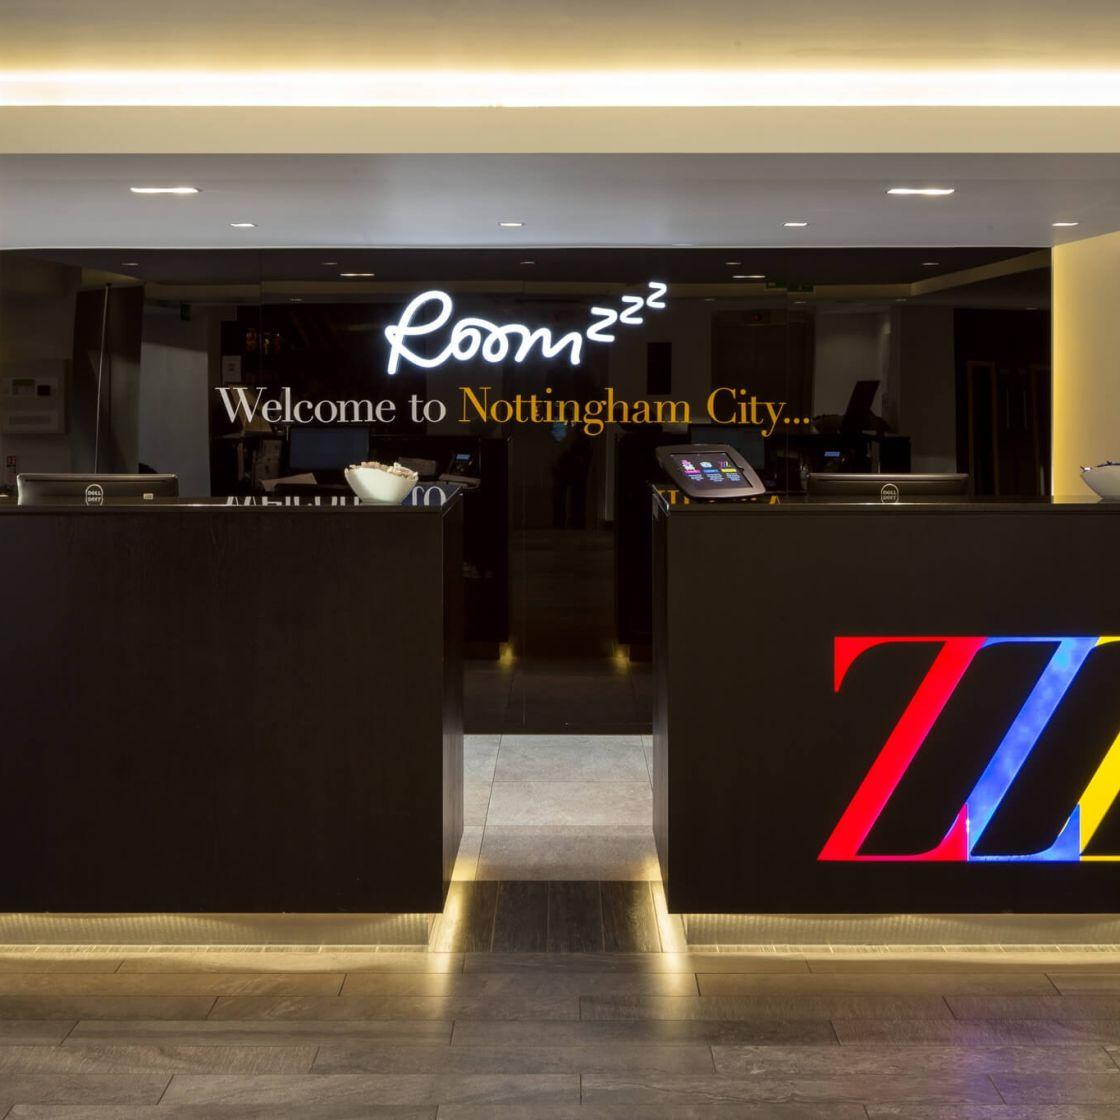 IconInc @ Roomzzz Nottingham City Reception Desk. Student Accommodation in Nottingham